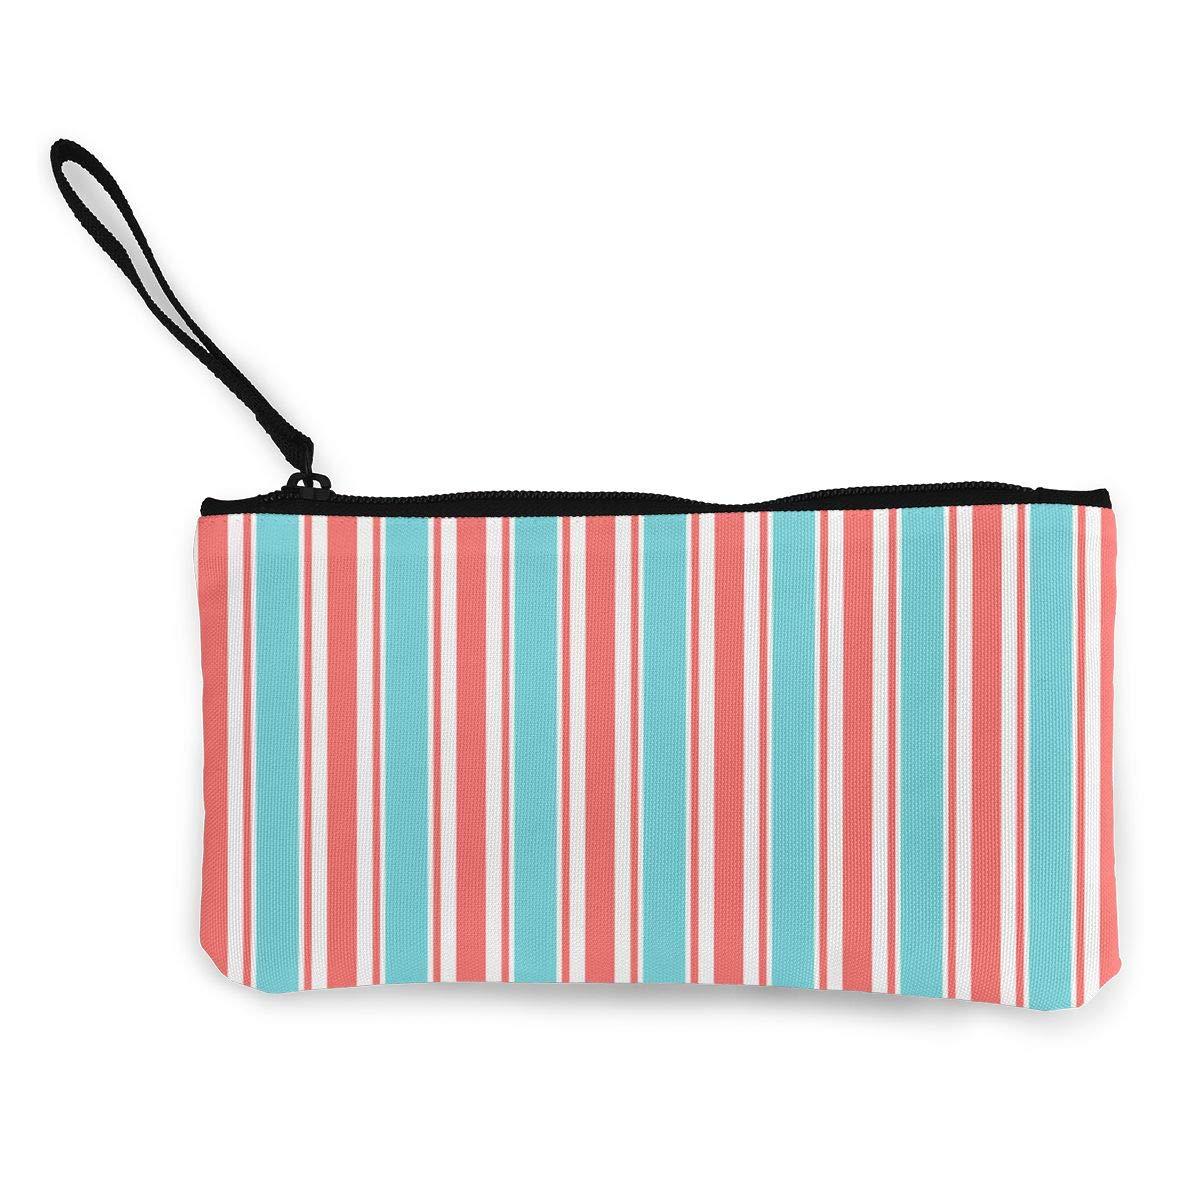 Canvas Cash Coin Purse,Fresh Stripes Print Make Up Bag Zipper Small Purse Wallets